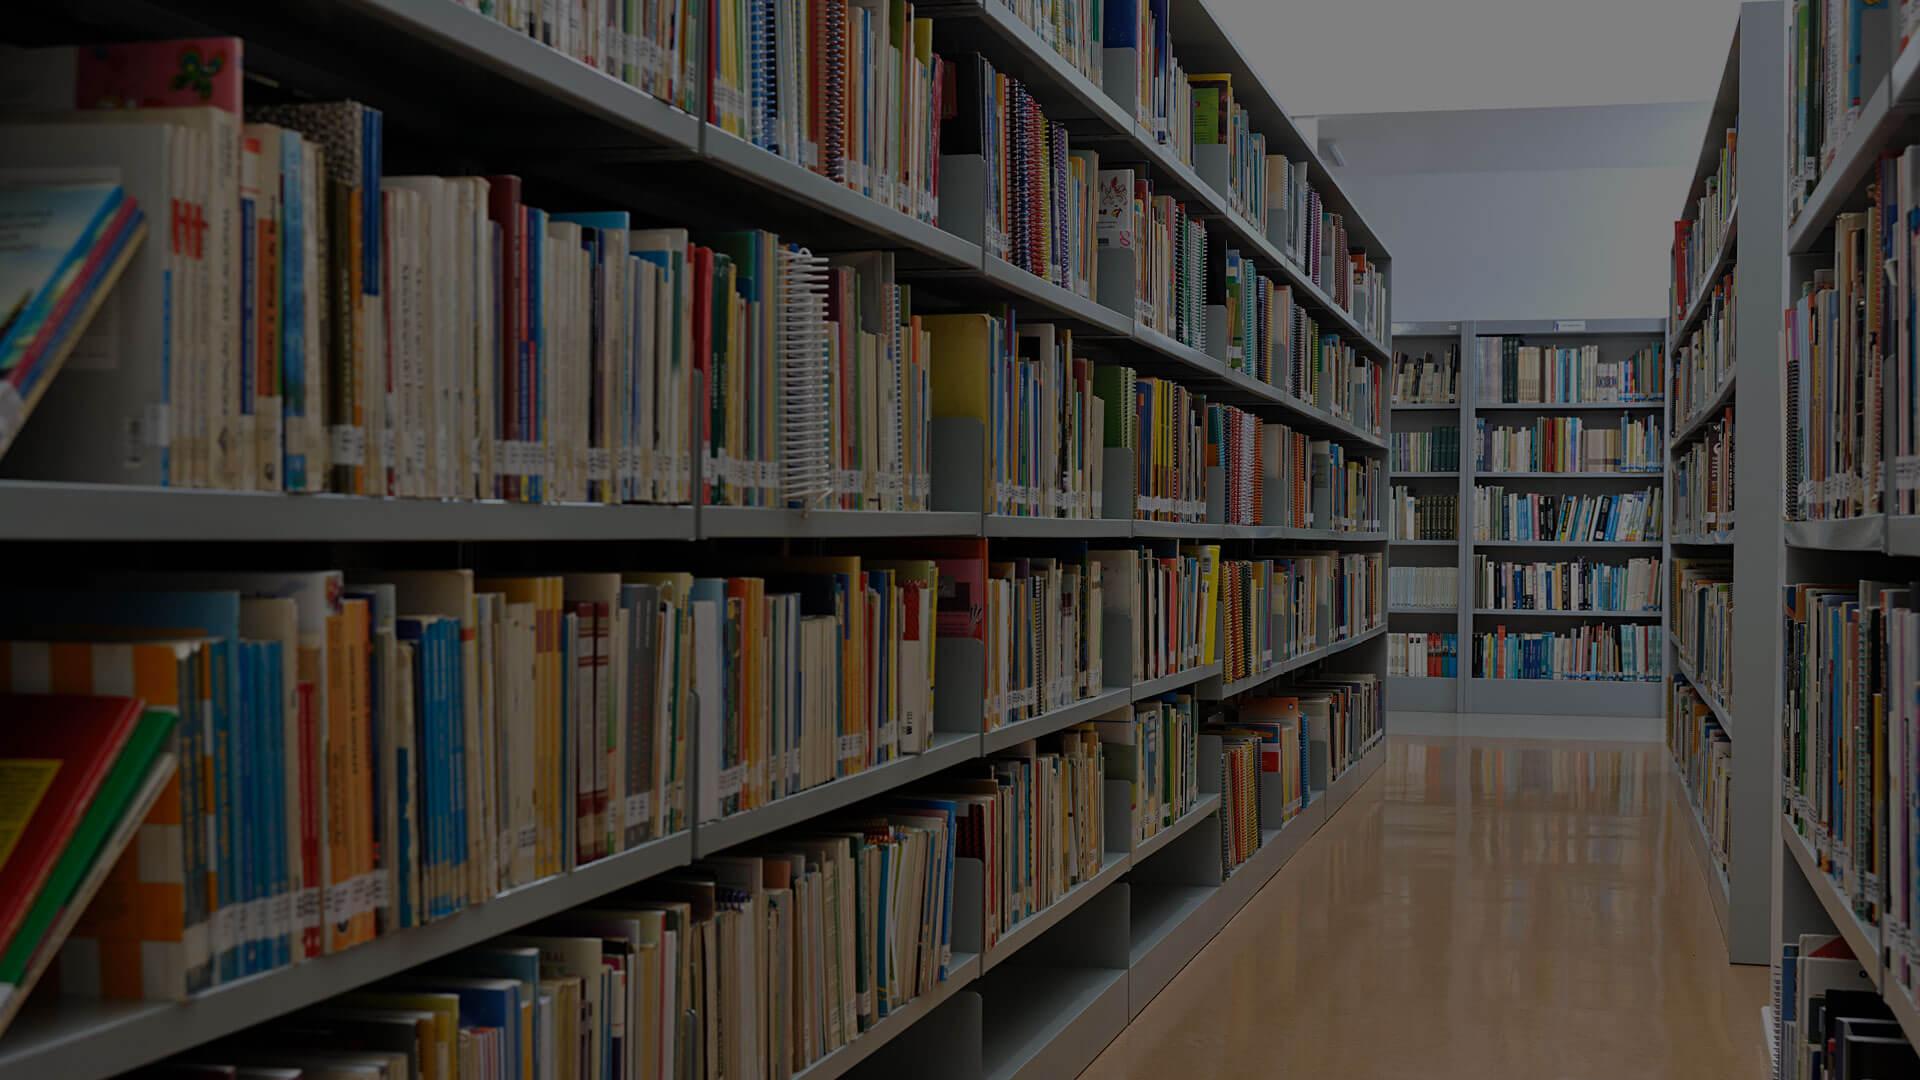 Gebäudemanagement für öffentliche Auftraggeber wie Bibliotheken